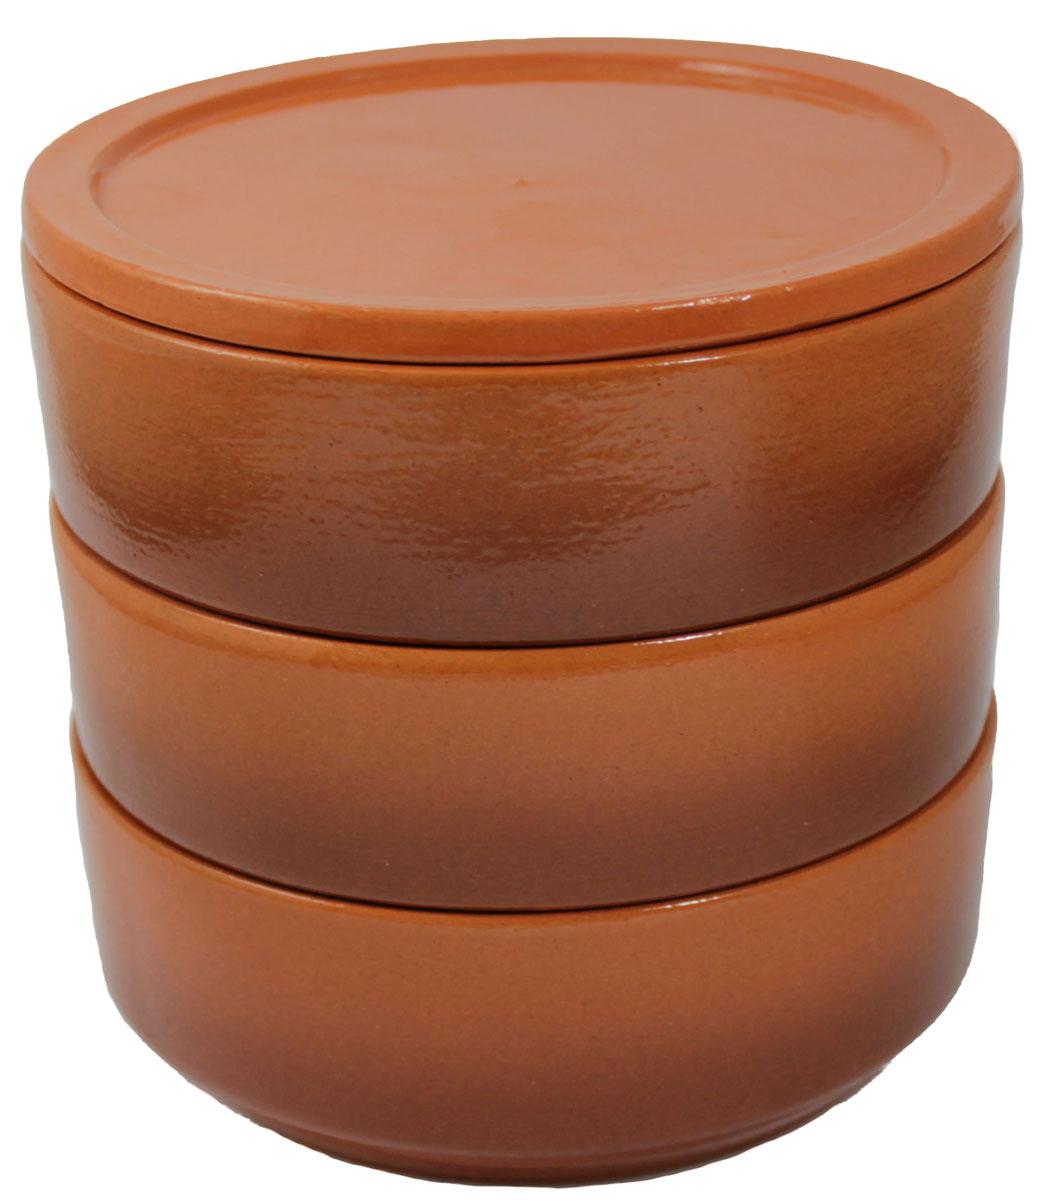 Набор блюд для холодца Ломоносовская керамика, цвет: коричневый, 700 мл, 3 шт2Н3-17Блюда Ломоносовская керамика, изготовленные из глины, предназначены для приготовления и хранения заливного или холодца. Также блюда можно использовать для приготовления и хранения салатов. Такие блюда украсят сервировку вашего стола и подчеркнут прекрасный вкус хозяйки. Диаметр блюда: 15 см, Высота блюда: 5,5 см, Объем блюда: 700 мл.